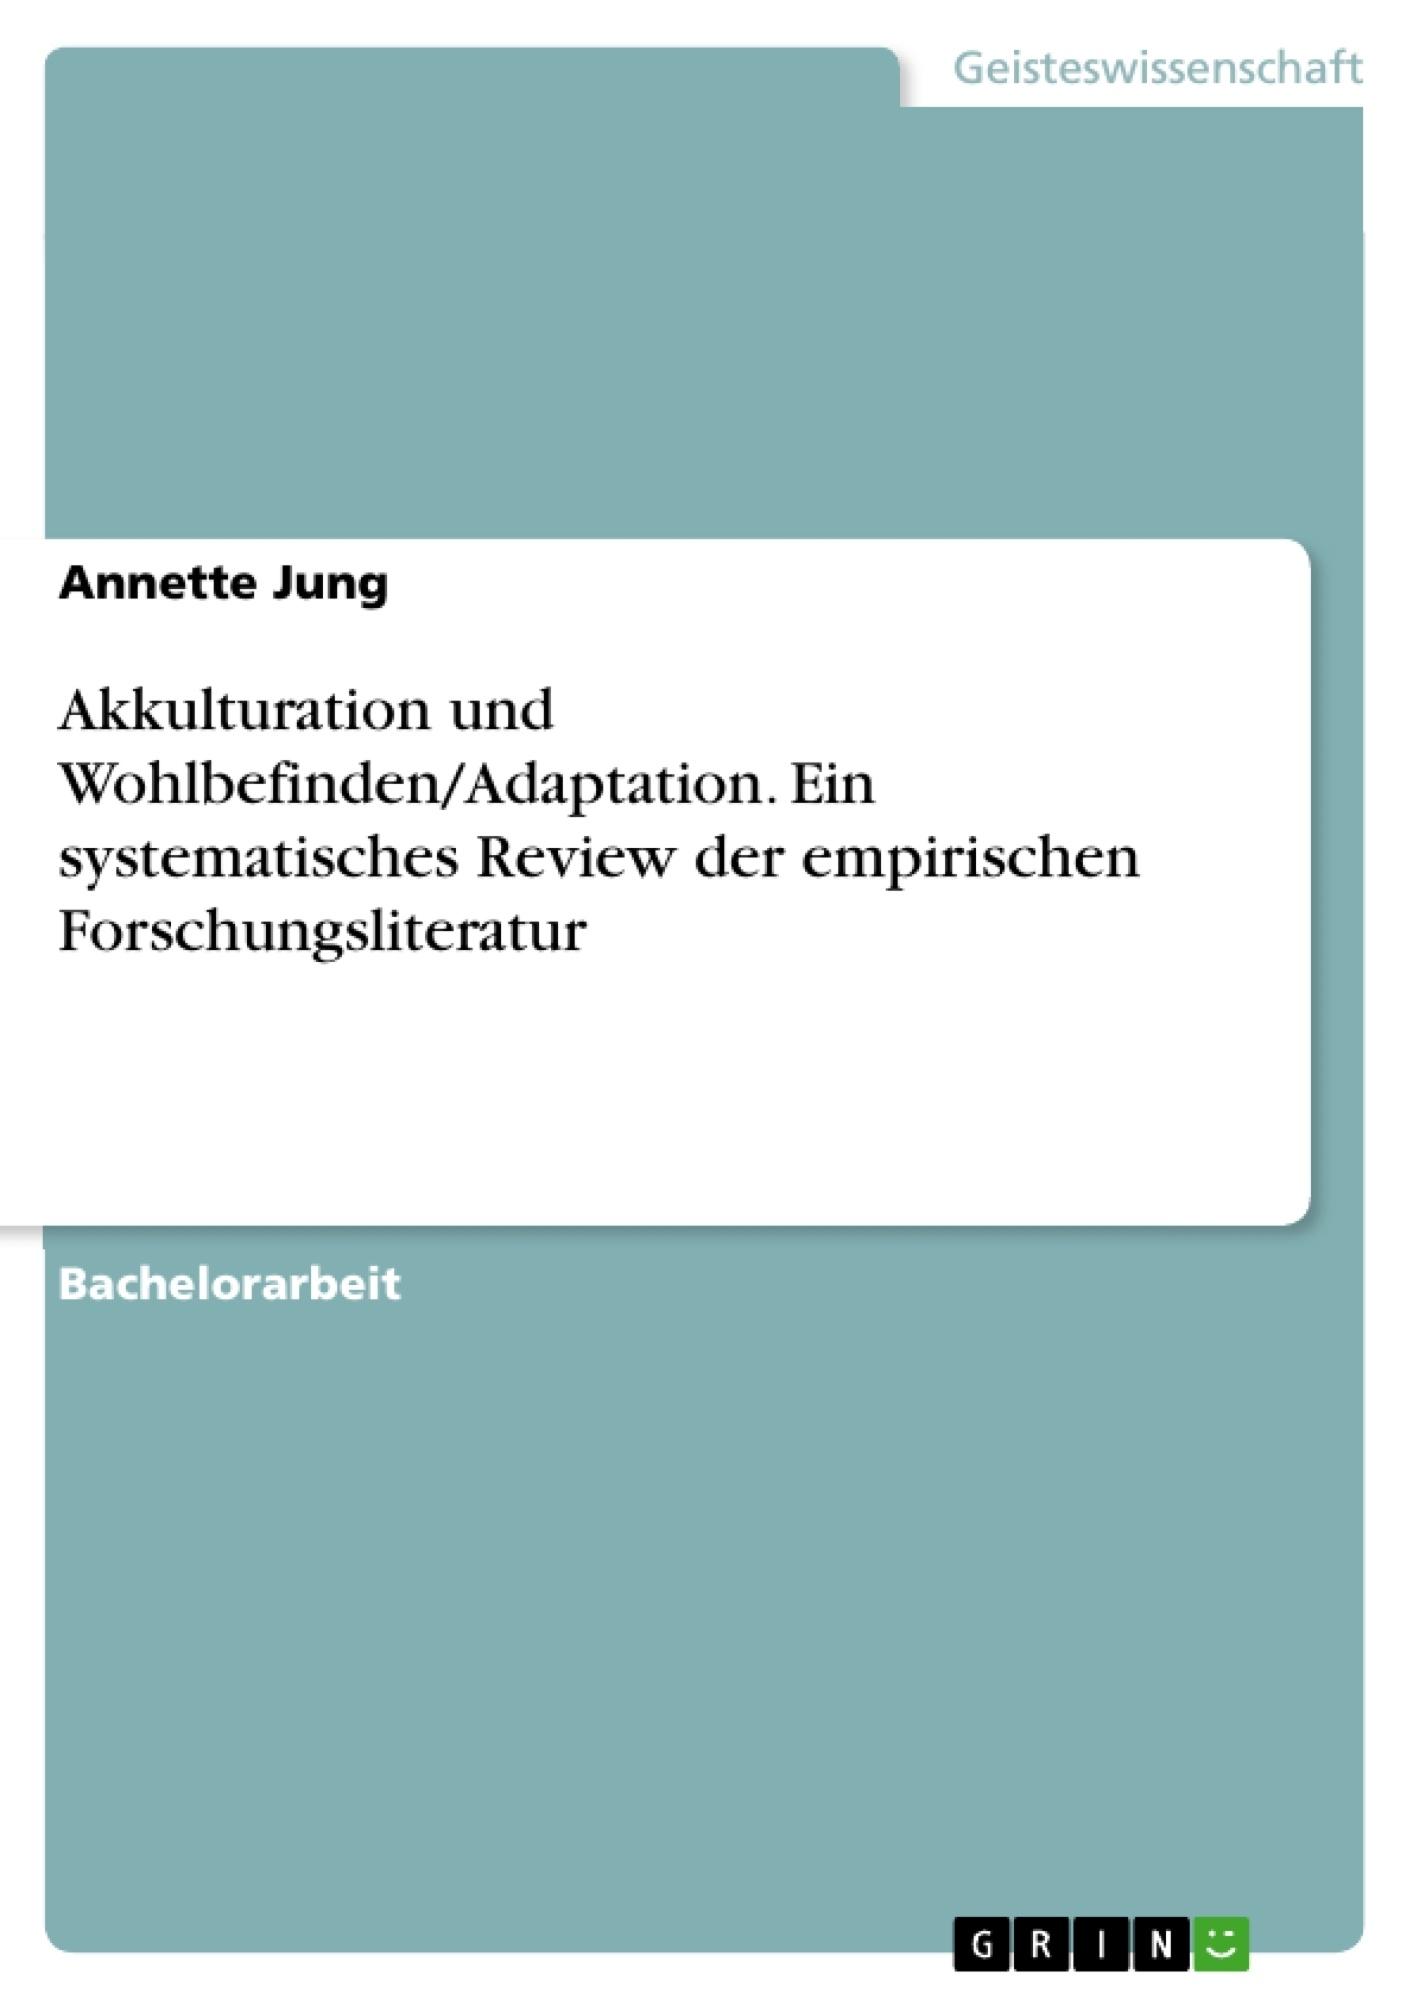 Titel: Akkulturation und Wohlbefinden/Adaptation. Ein systematisches Review der empirischen Forschungsliteratur